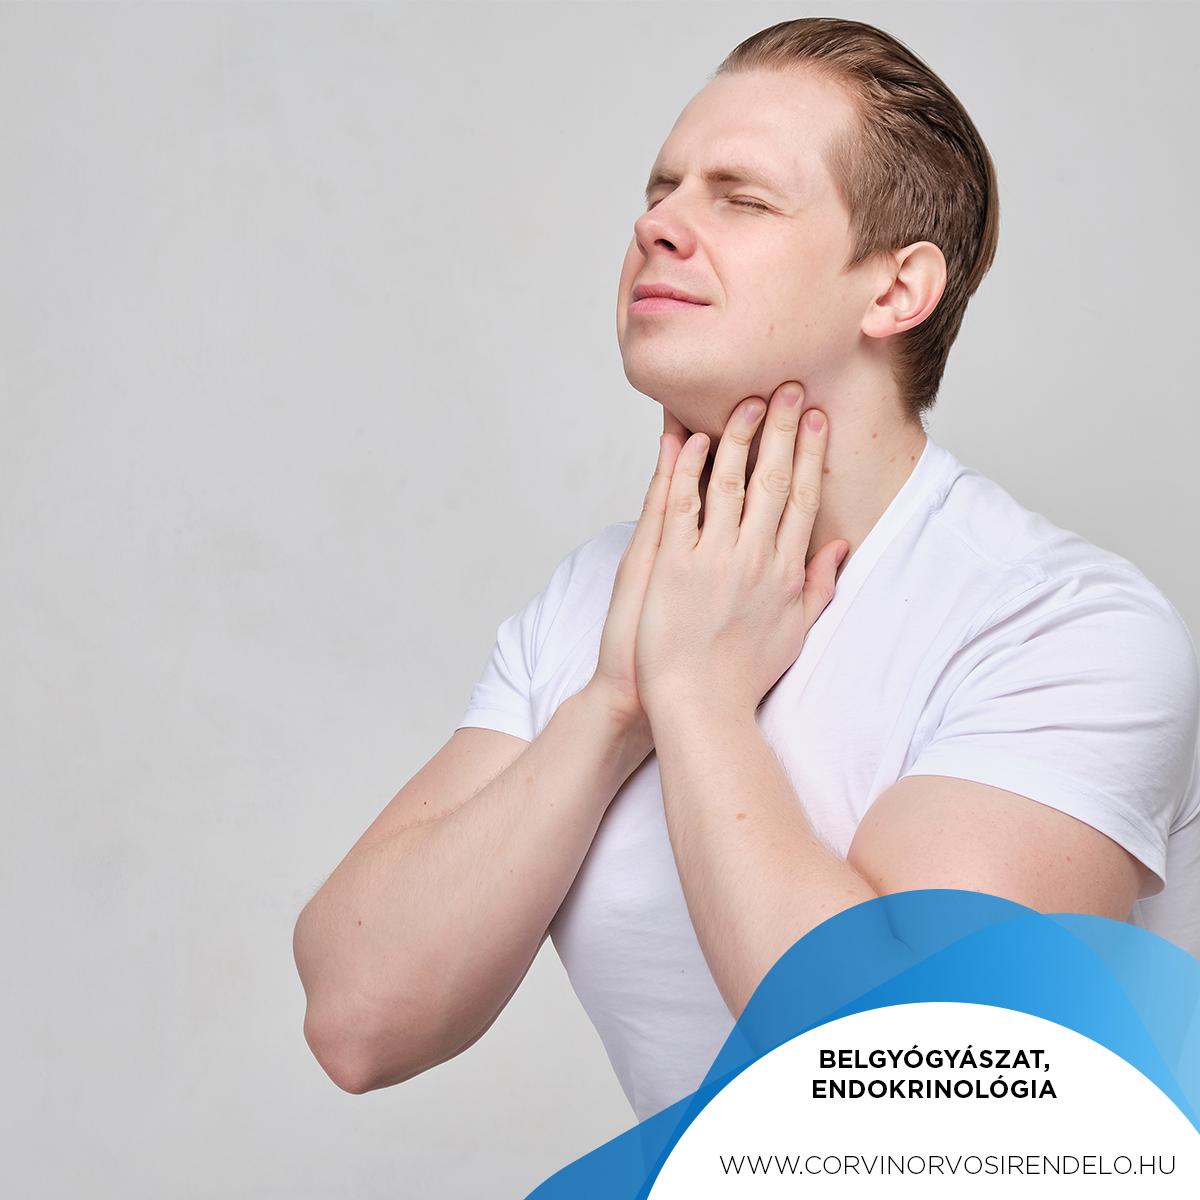 magas vérnyomás endokrinológia vese okozta magas vérnyomás